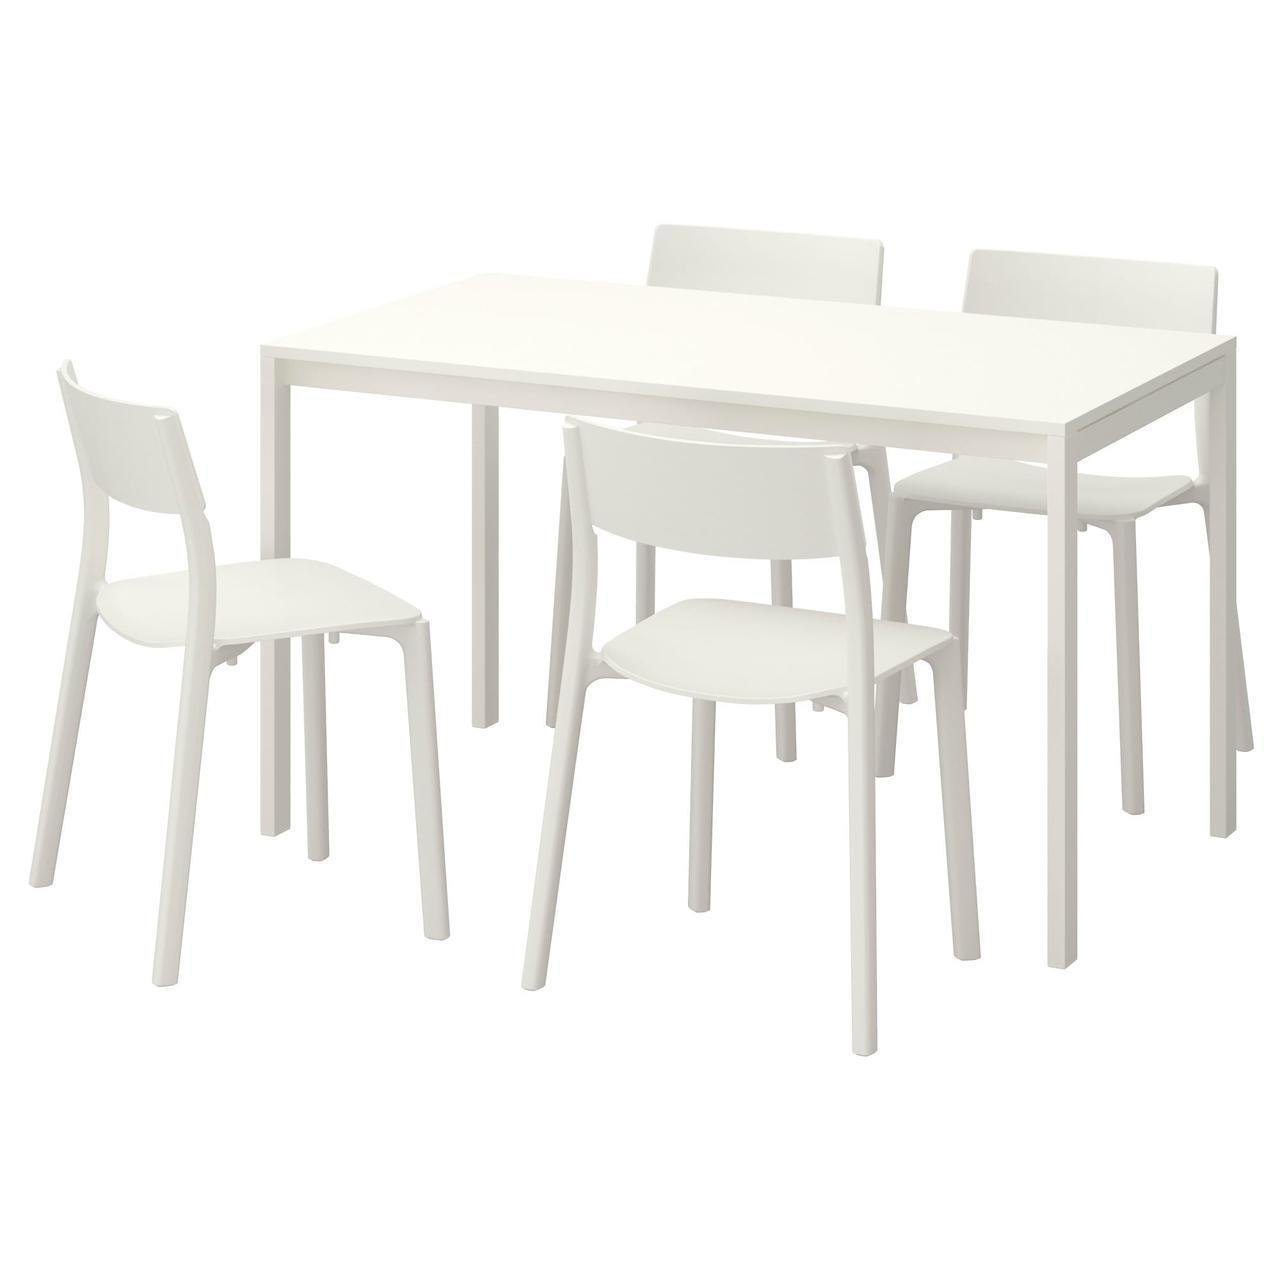 IKEA MELLTORP/JANINGE Стол и 4 стула, белый, белый  (591.614.87)